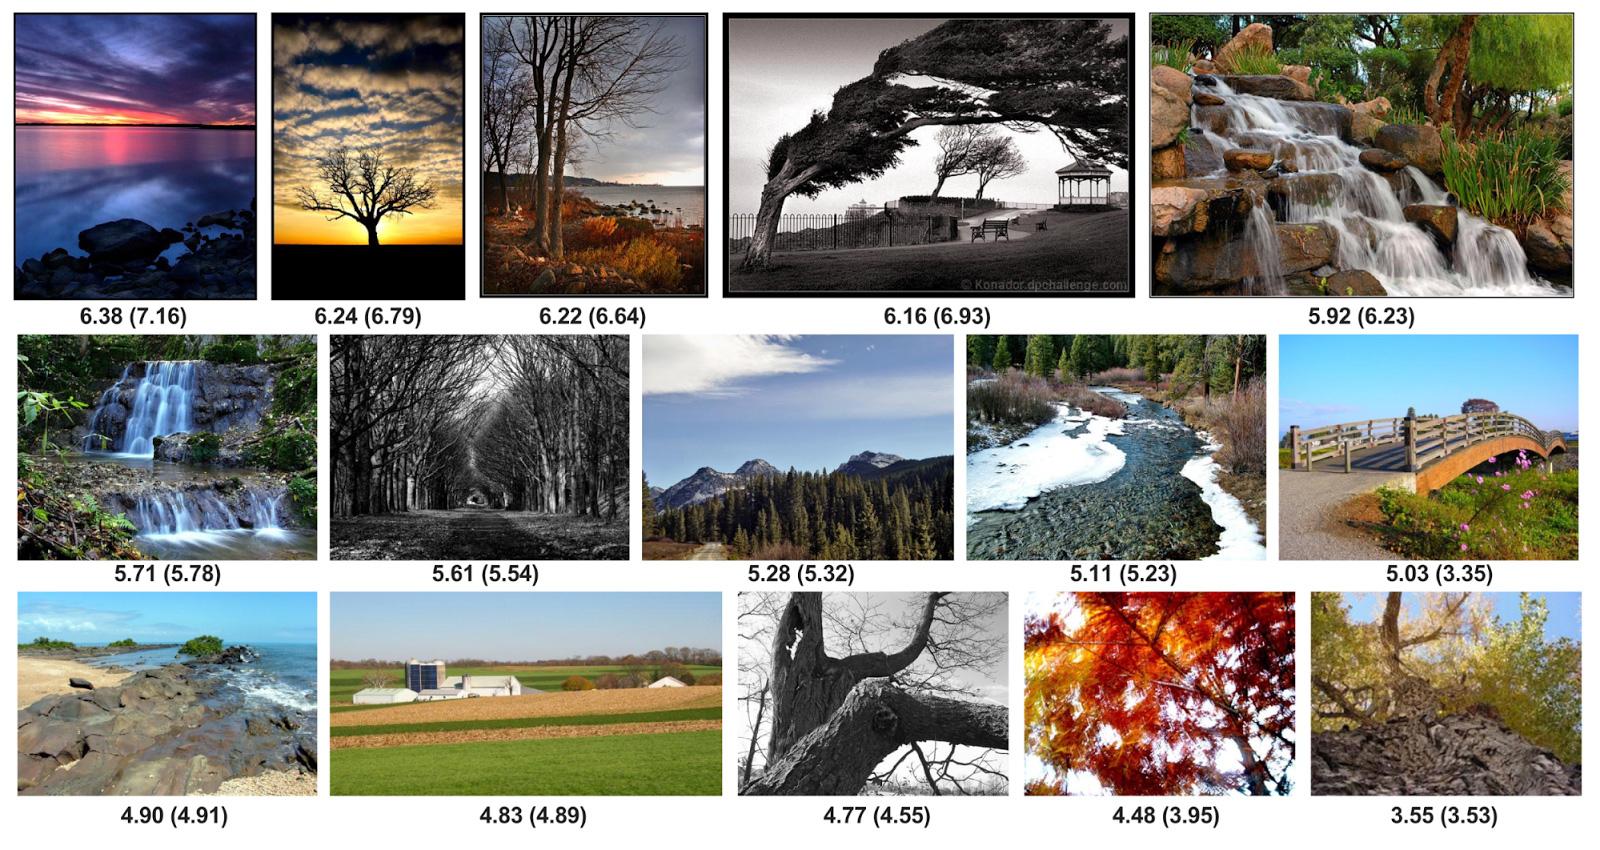 В Google научили ИИ оценивать красоту фото и предсказывать шансы на получение лайков